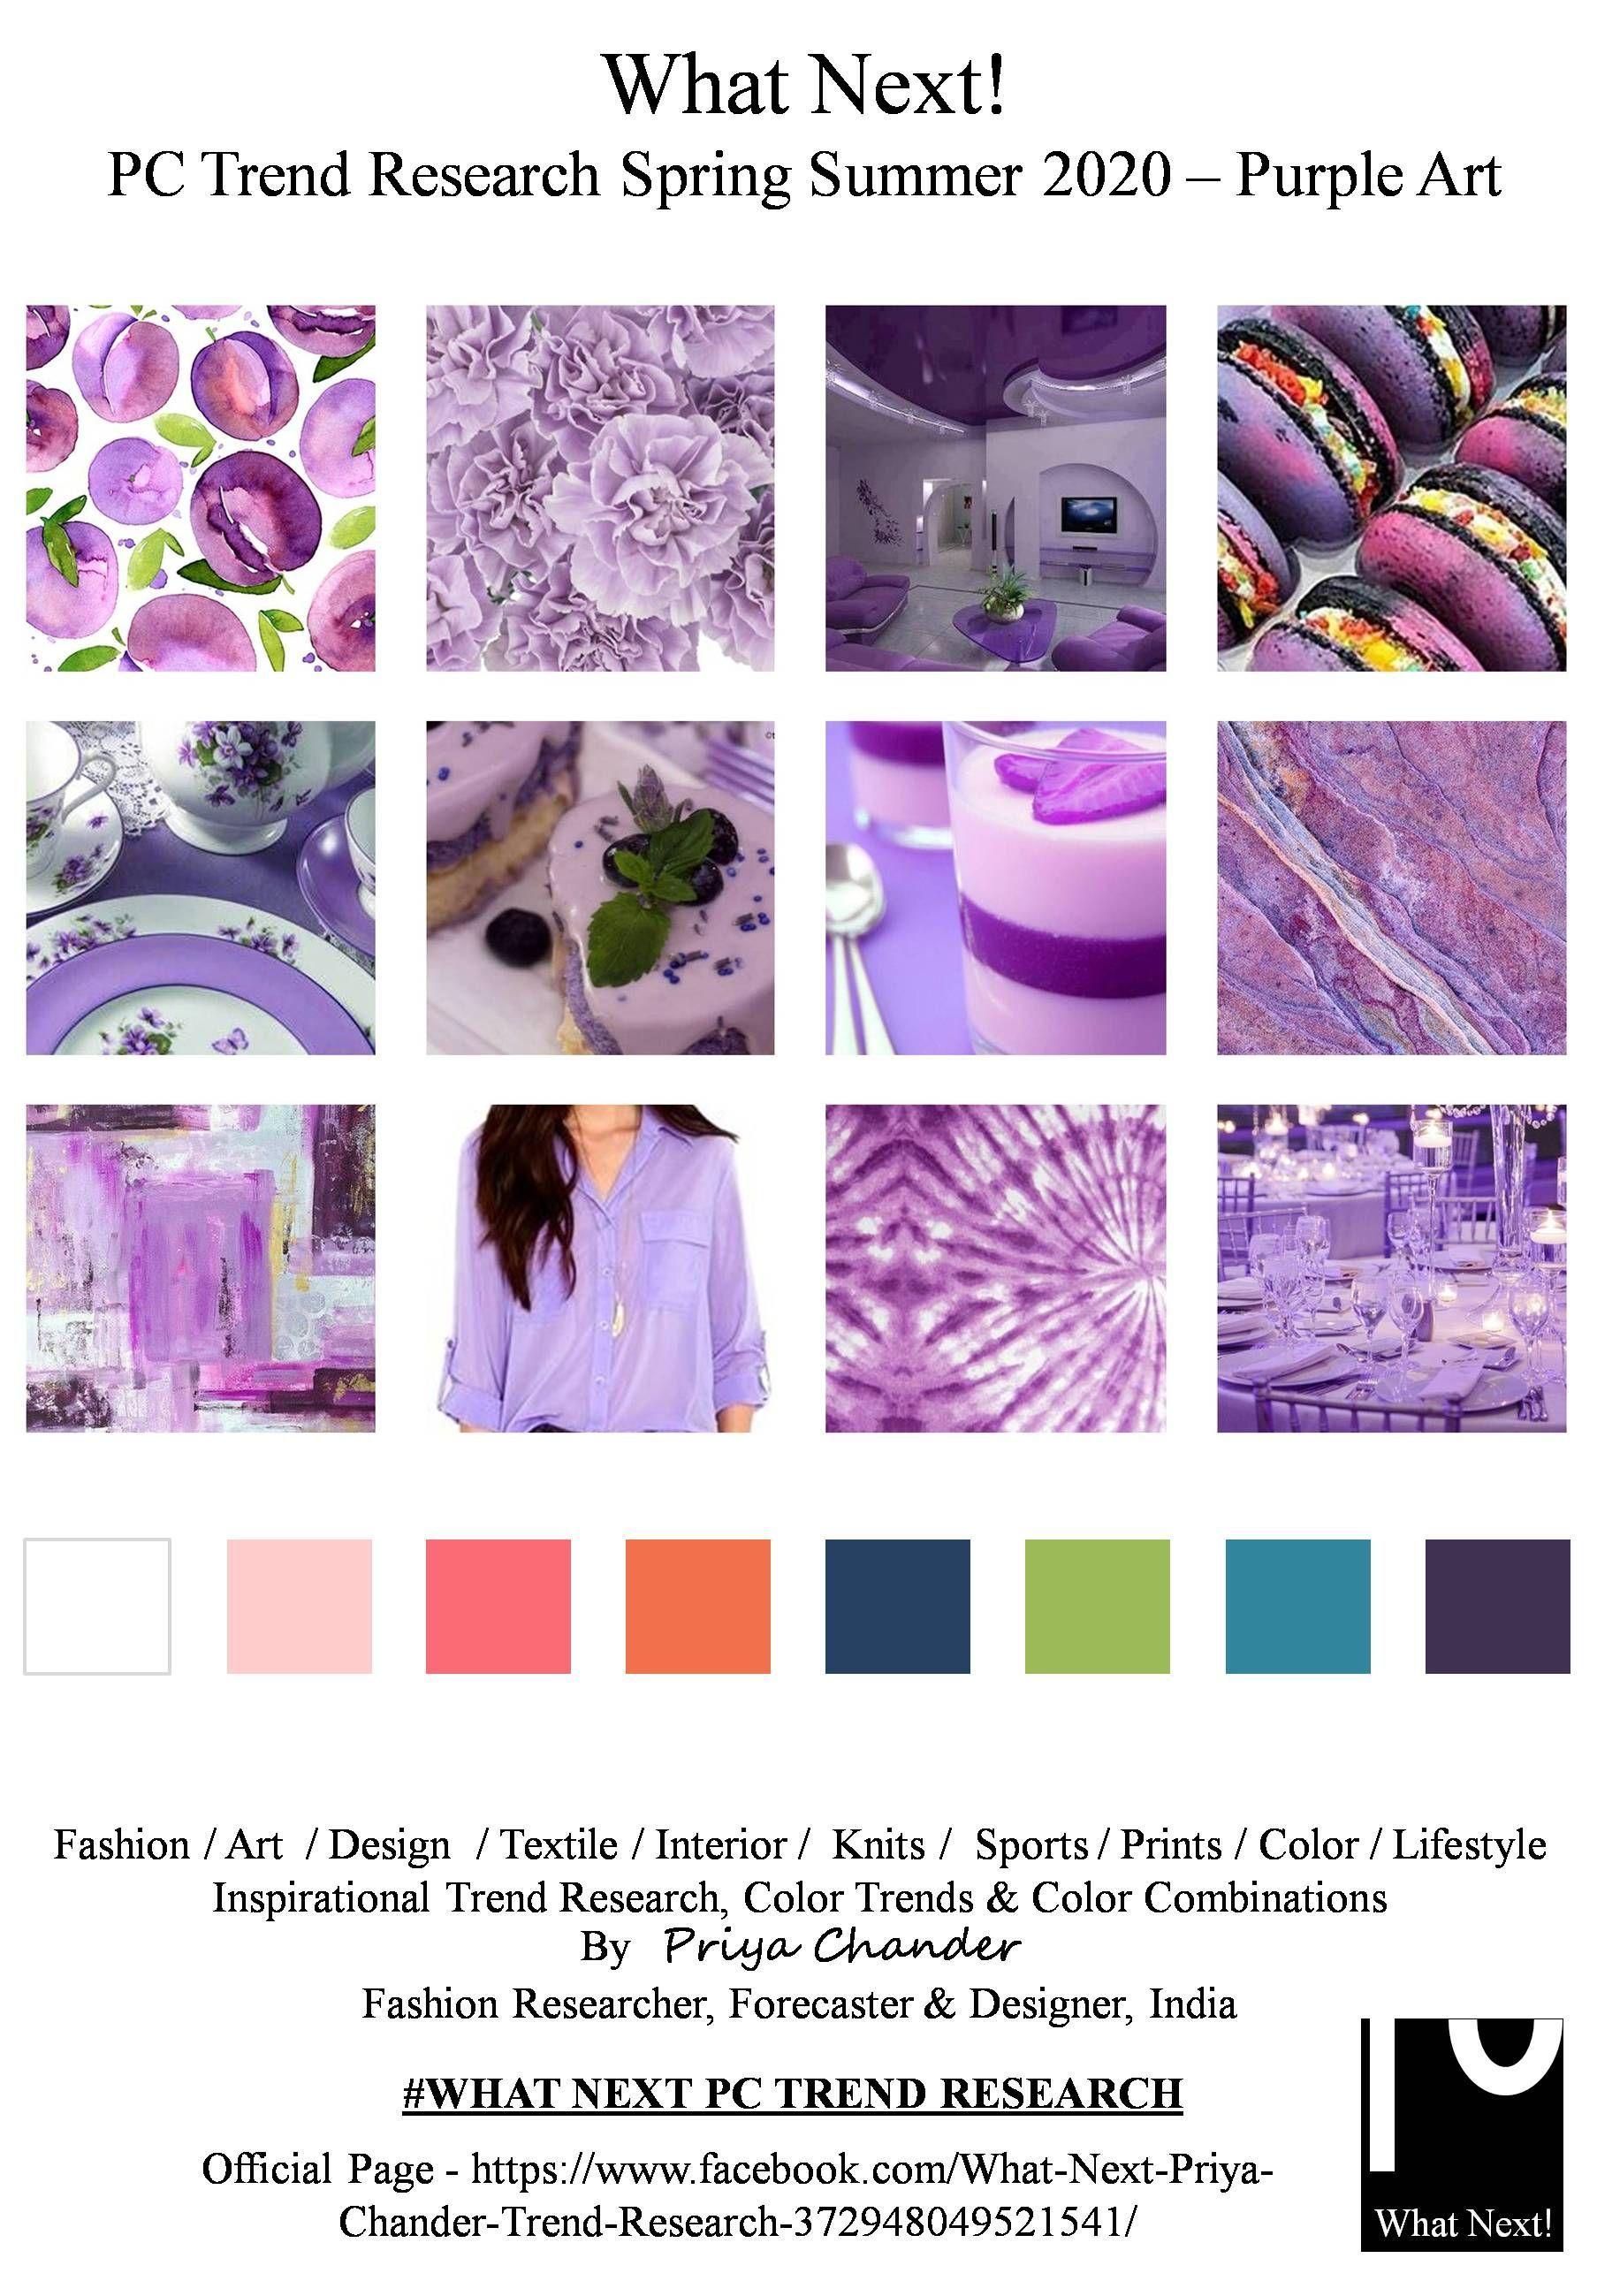 #Fashion Explore Pinterest> #Fashion #Purple Explore Pinterest> #Purple